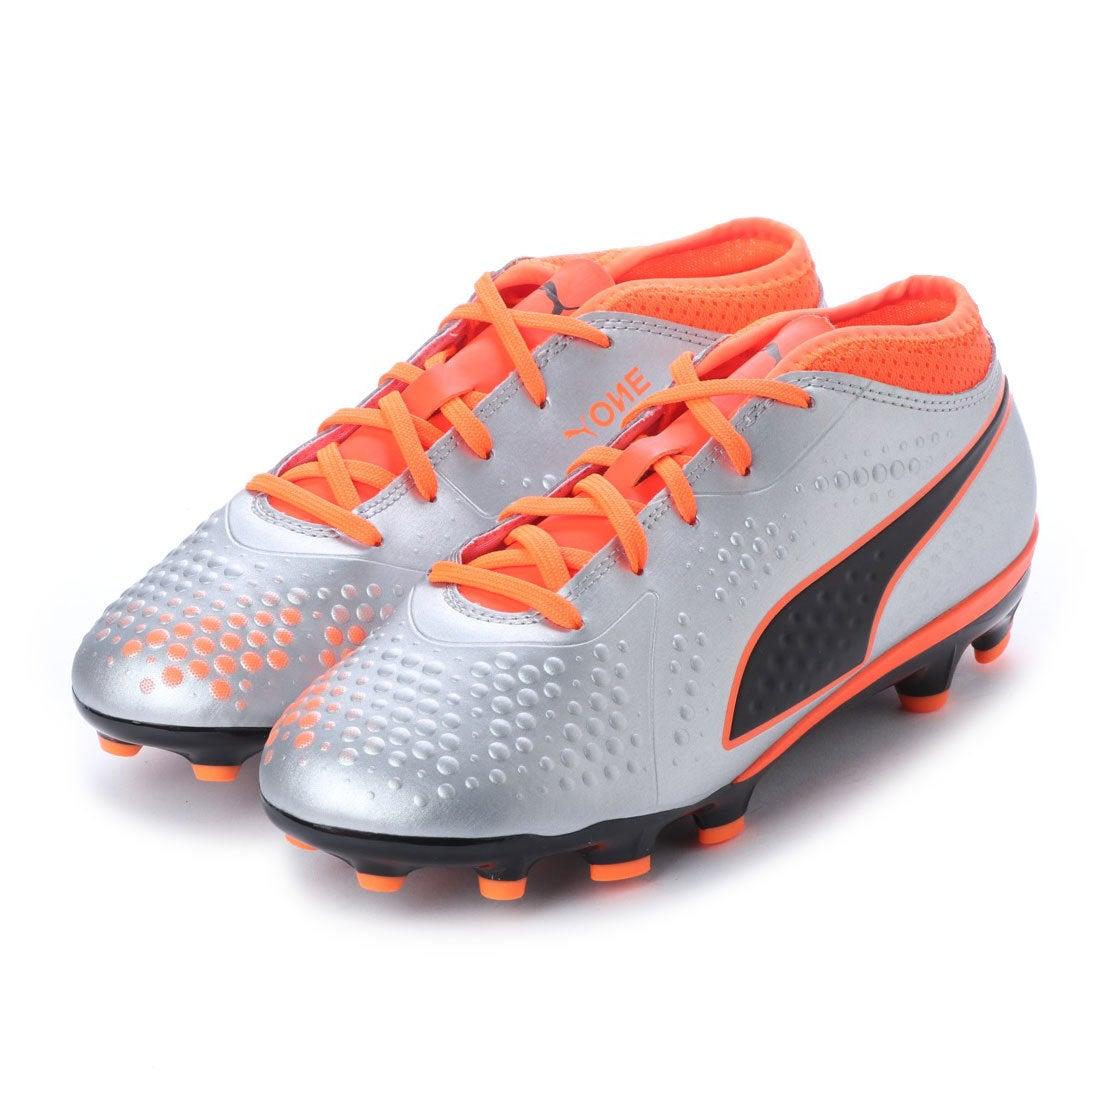 ロコンド 靴とファッションの通販サイトプーマ(PUMA)ジュニアサッカースパイクシューズプーマワン4SYNHG+MIDJR104781